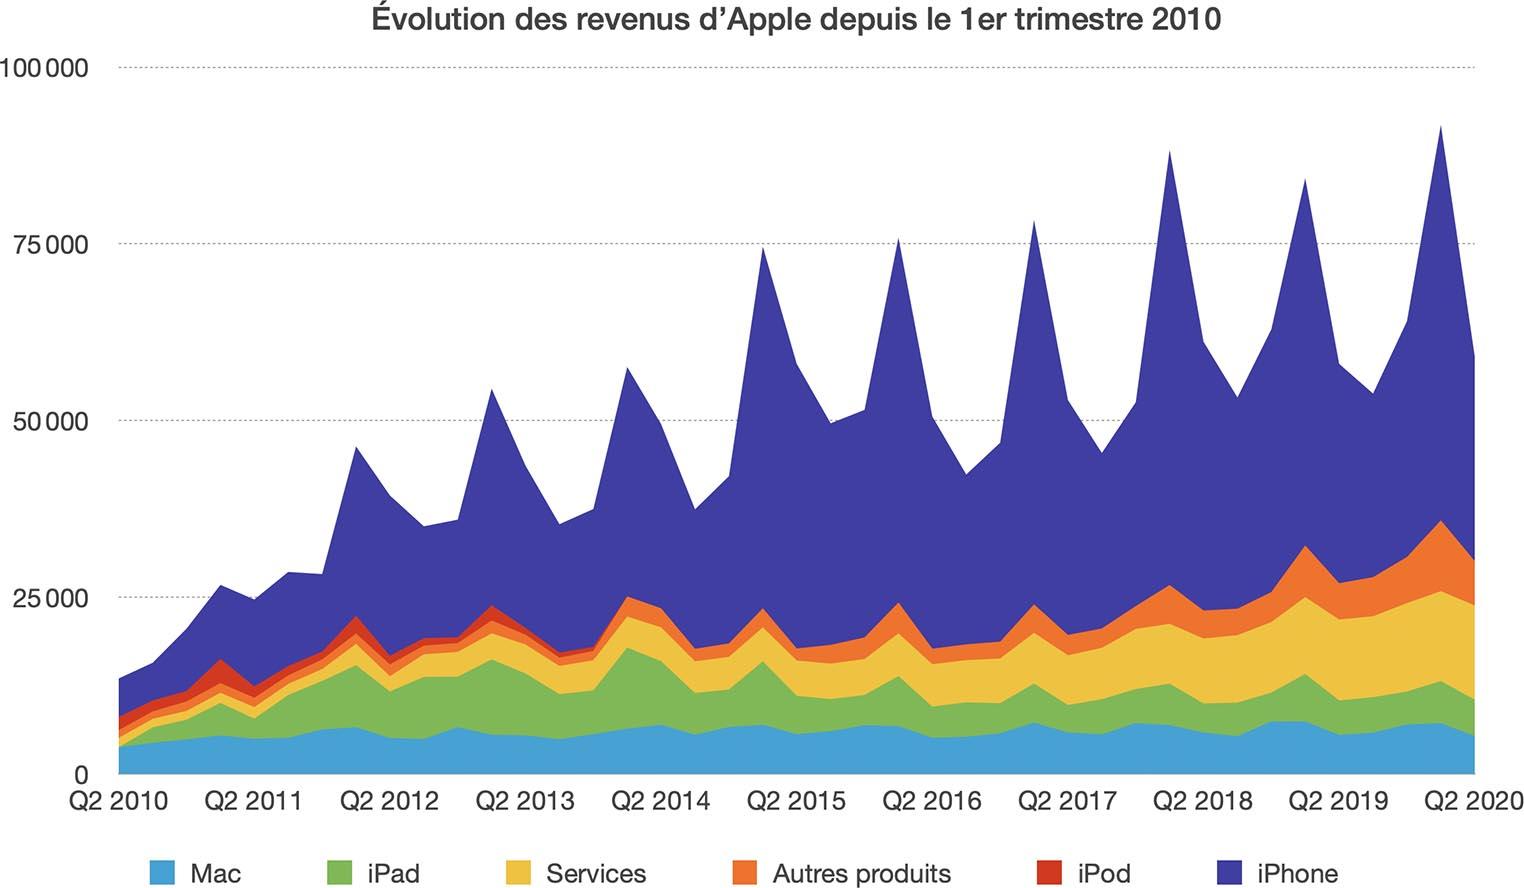 Apple historique résultats Q2 2020